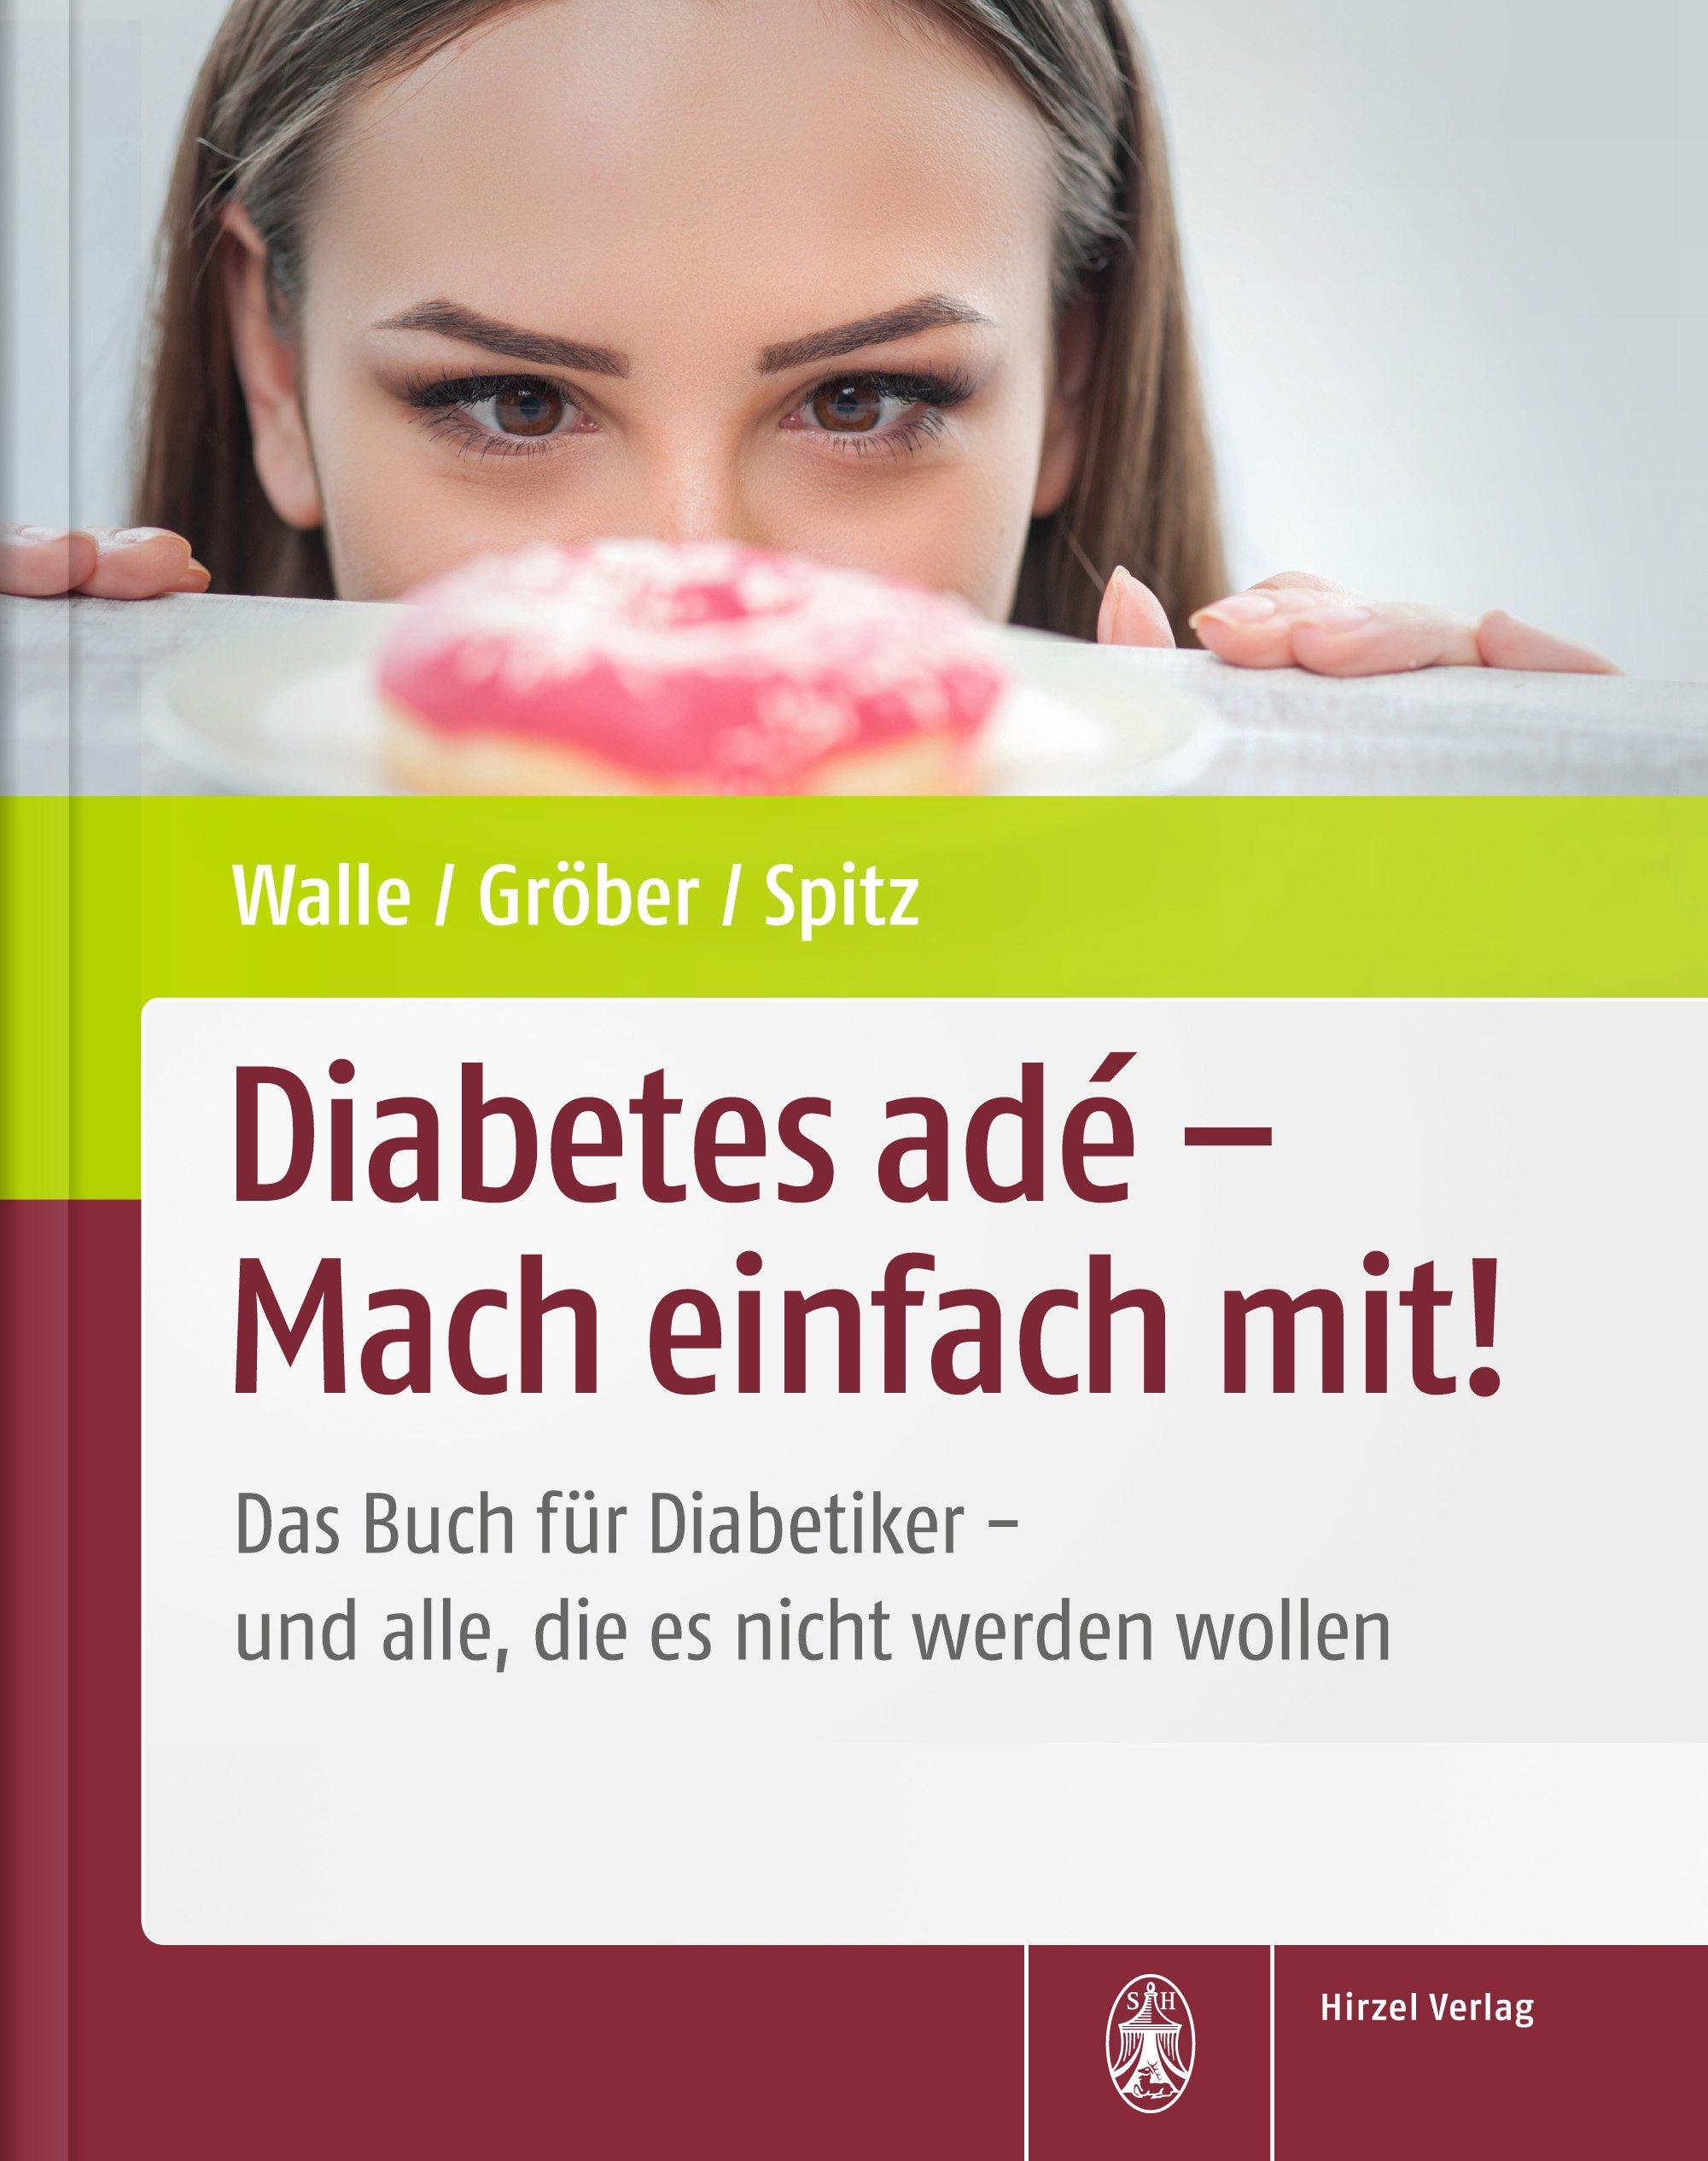 Vorschaubild: Diabetes adé - Mach einfach mit!